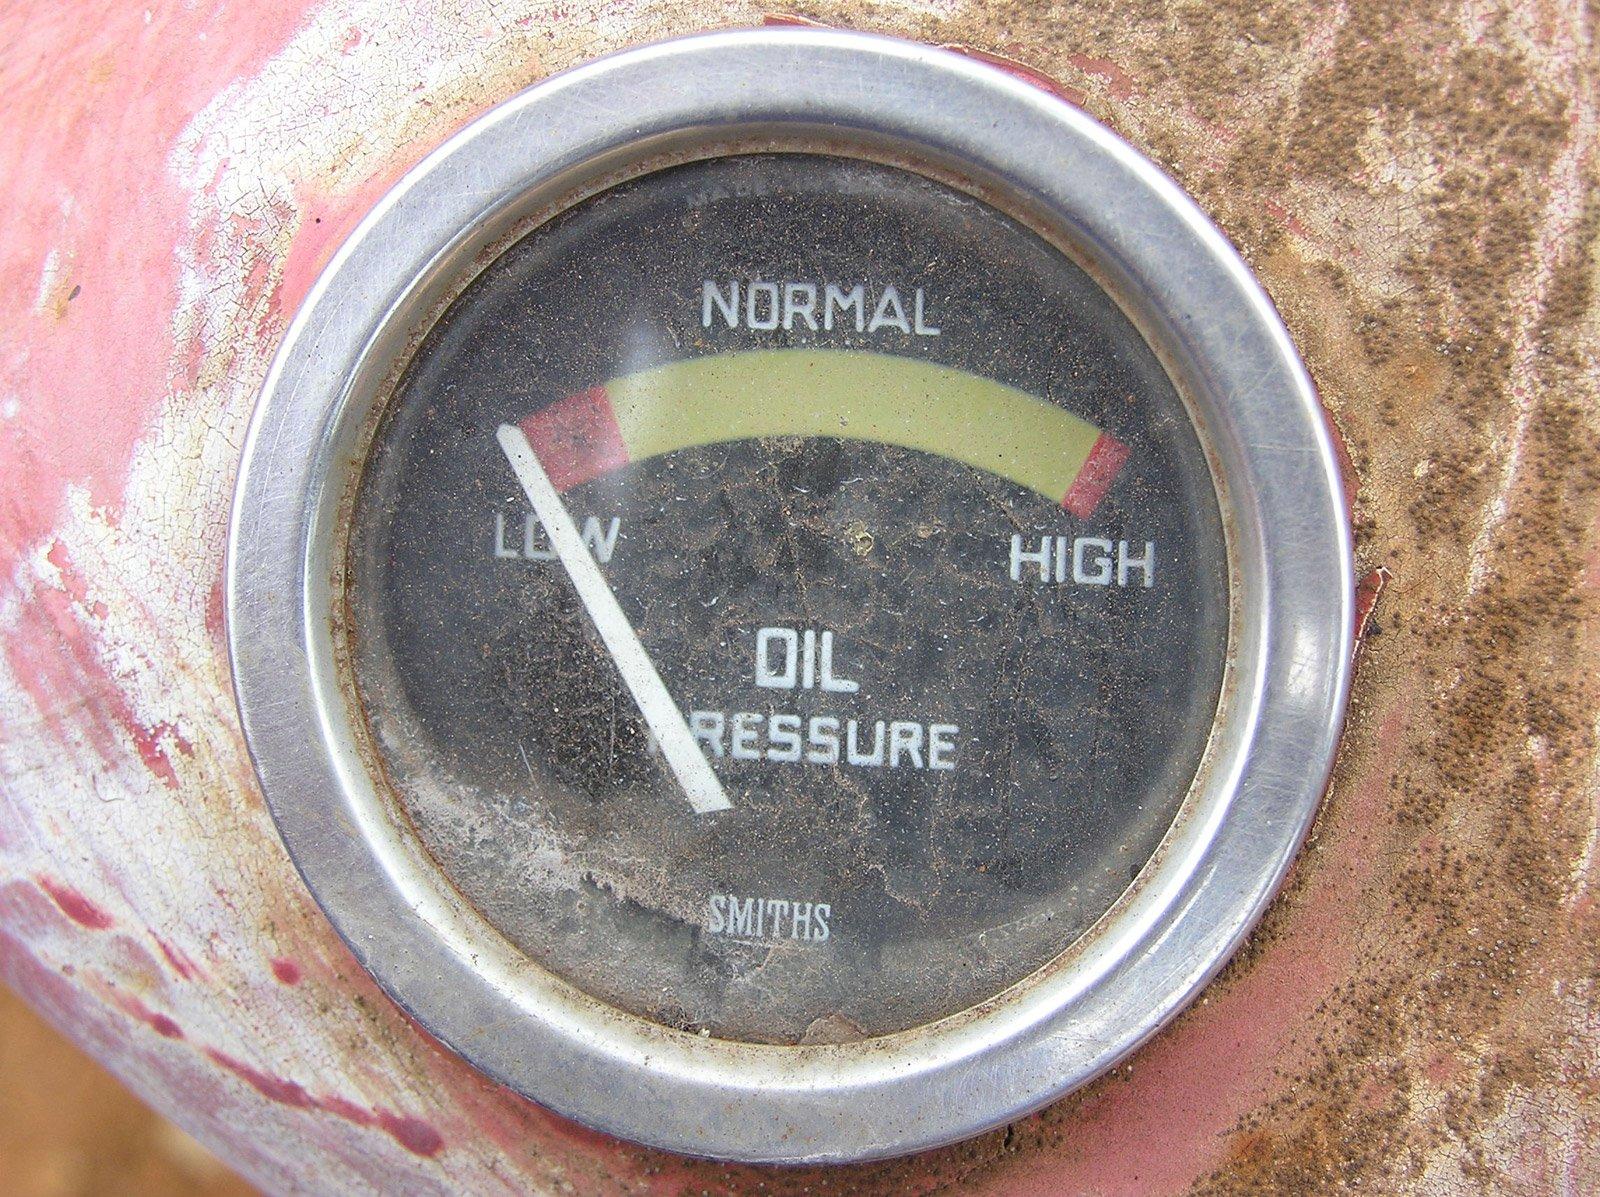 A tractor's oil pressure guage